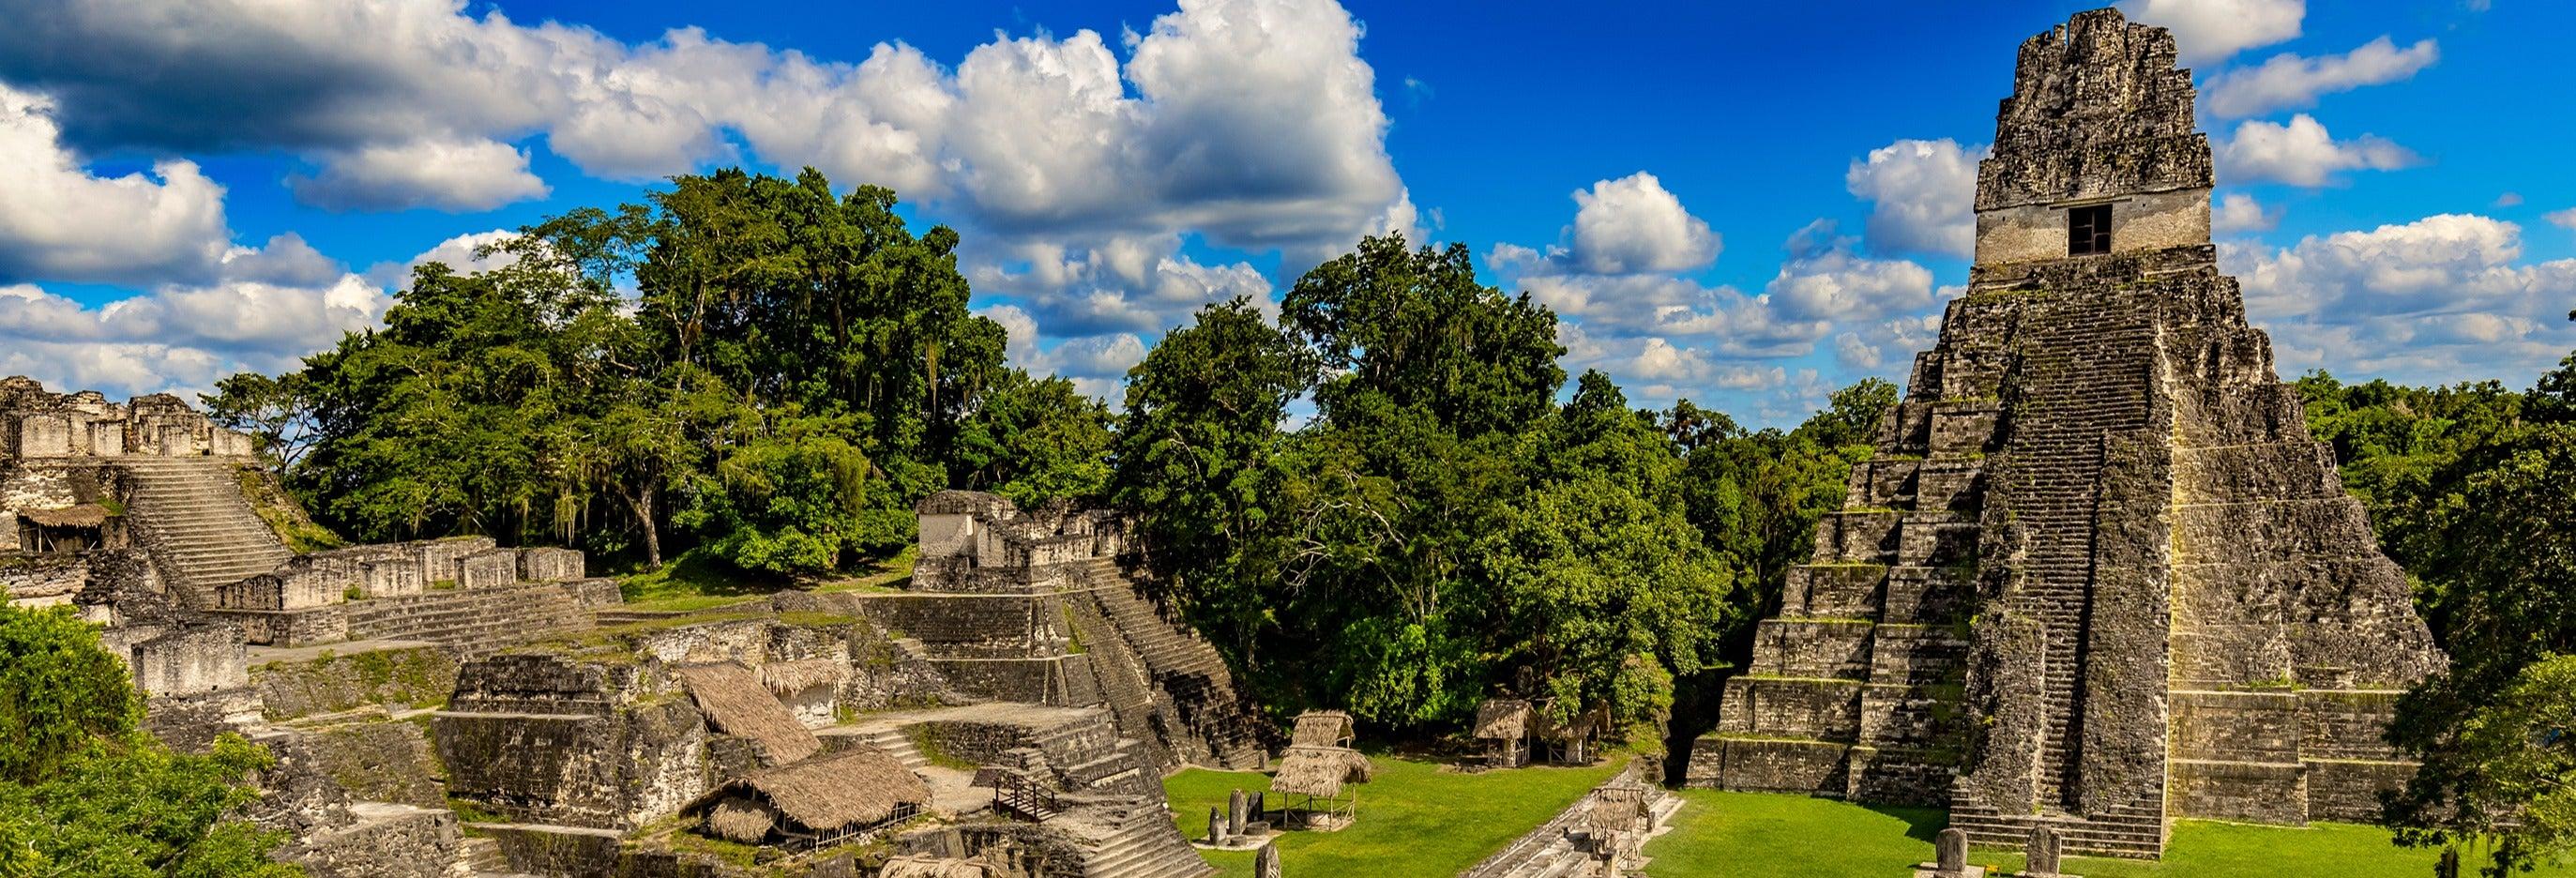 Excursión de 2 días a Tikal y El Remate desde Palenque